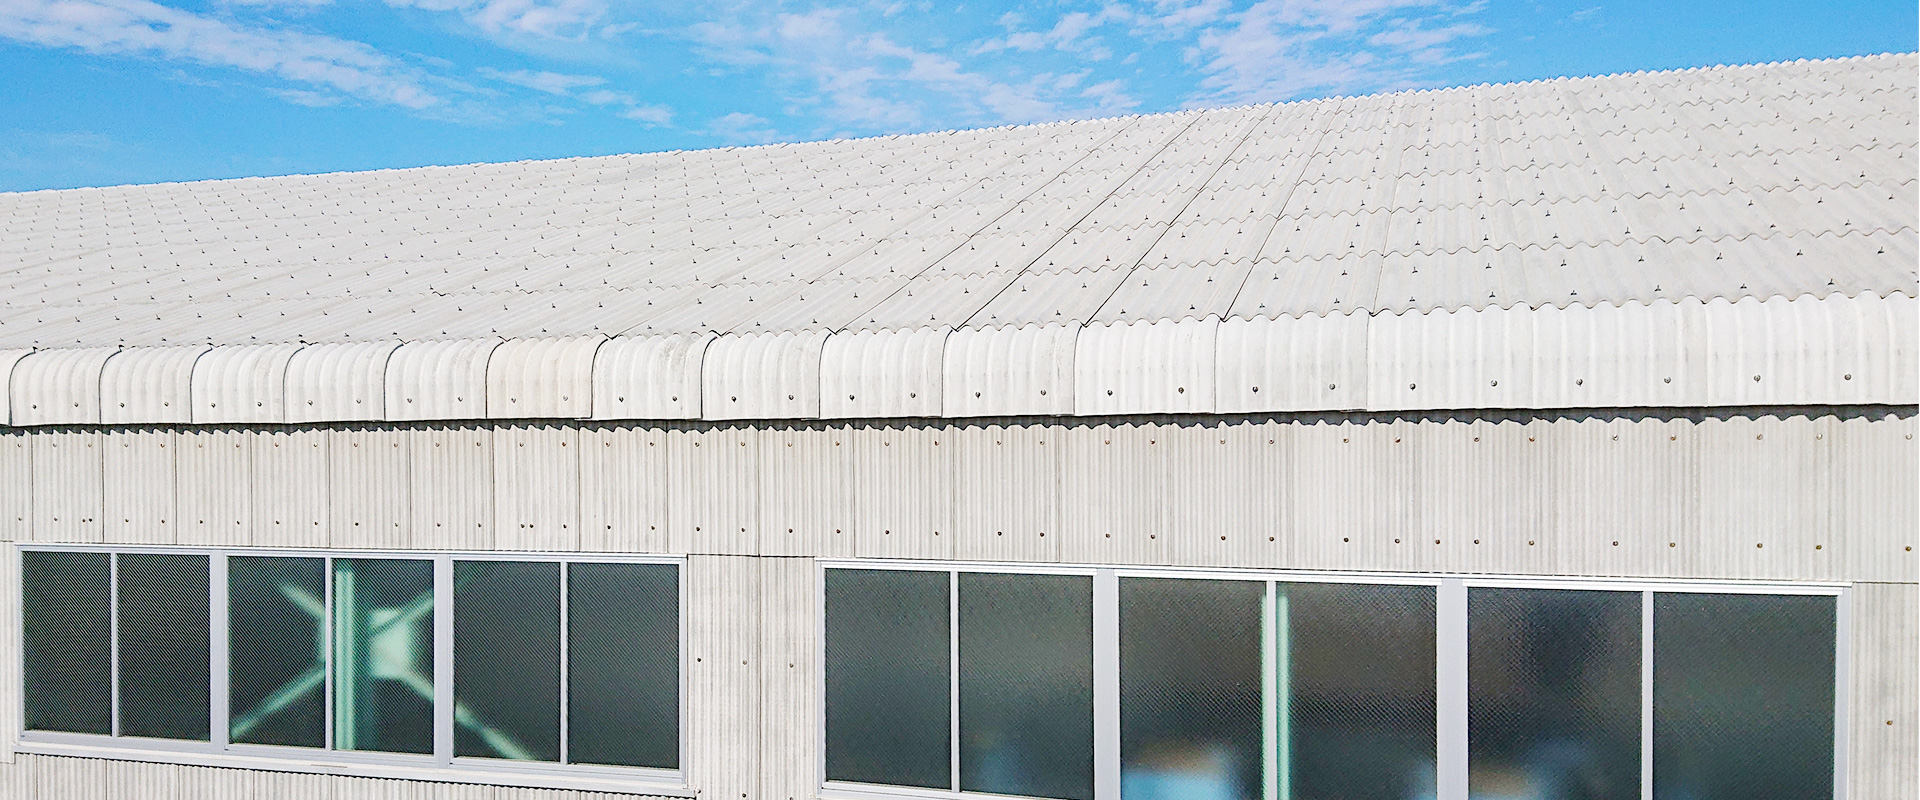 波形スレートは無石綿(ノンアスベルト)で環境に優しく耐久性に優れ丈夫で長持ち